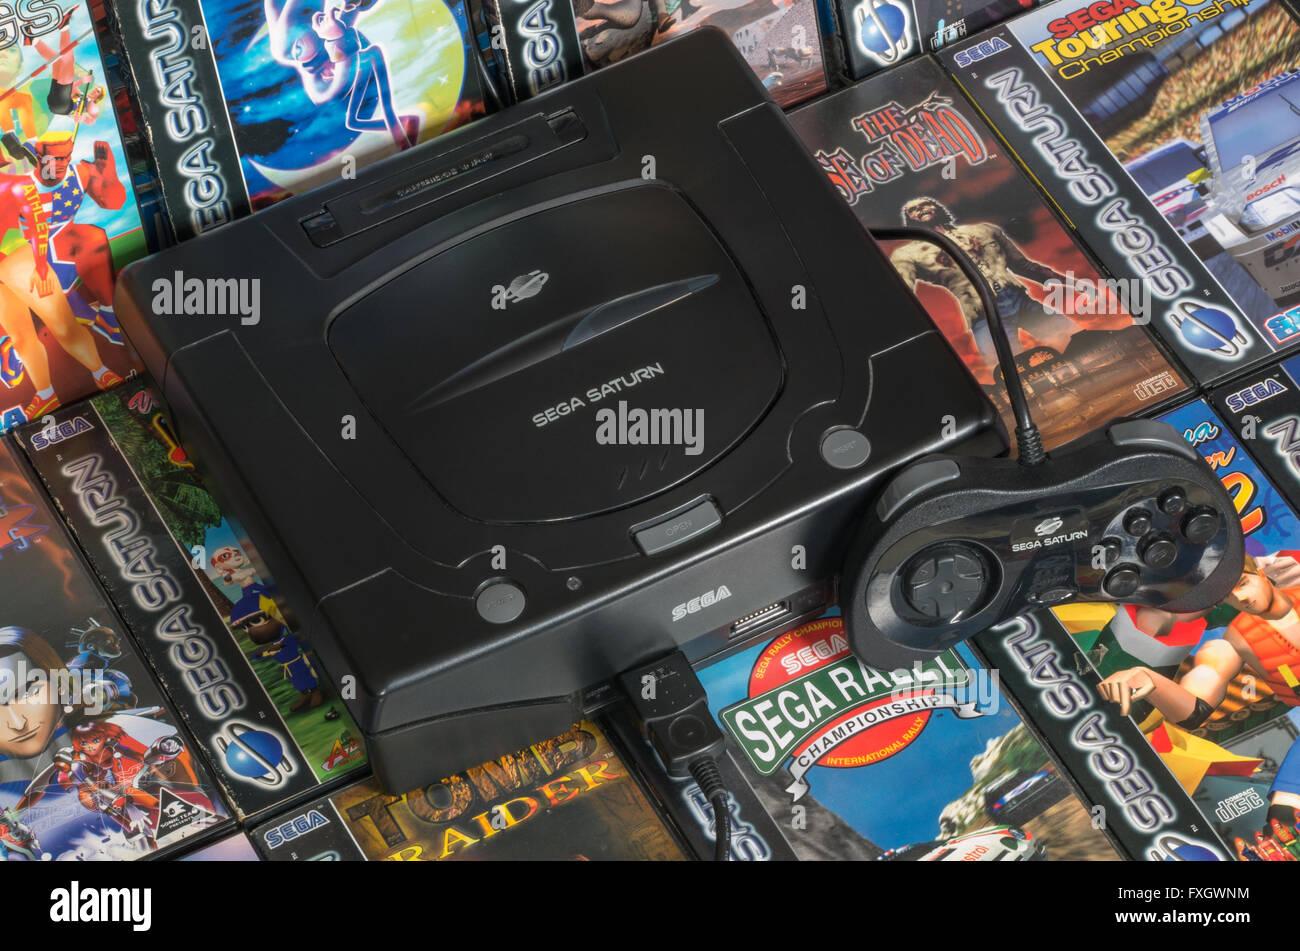 Una Consola Sega Saturn Pal Con Un Controlador Estandar En Una Cama